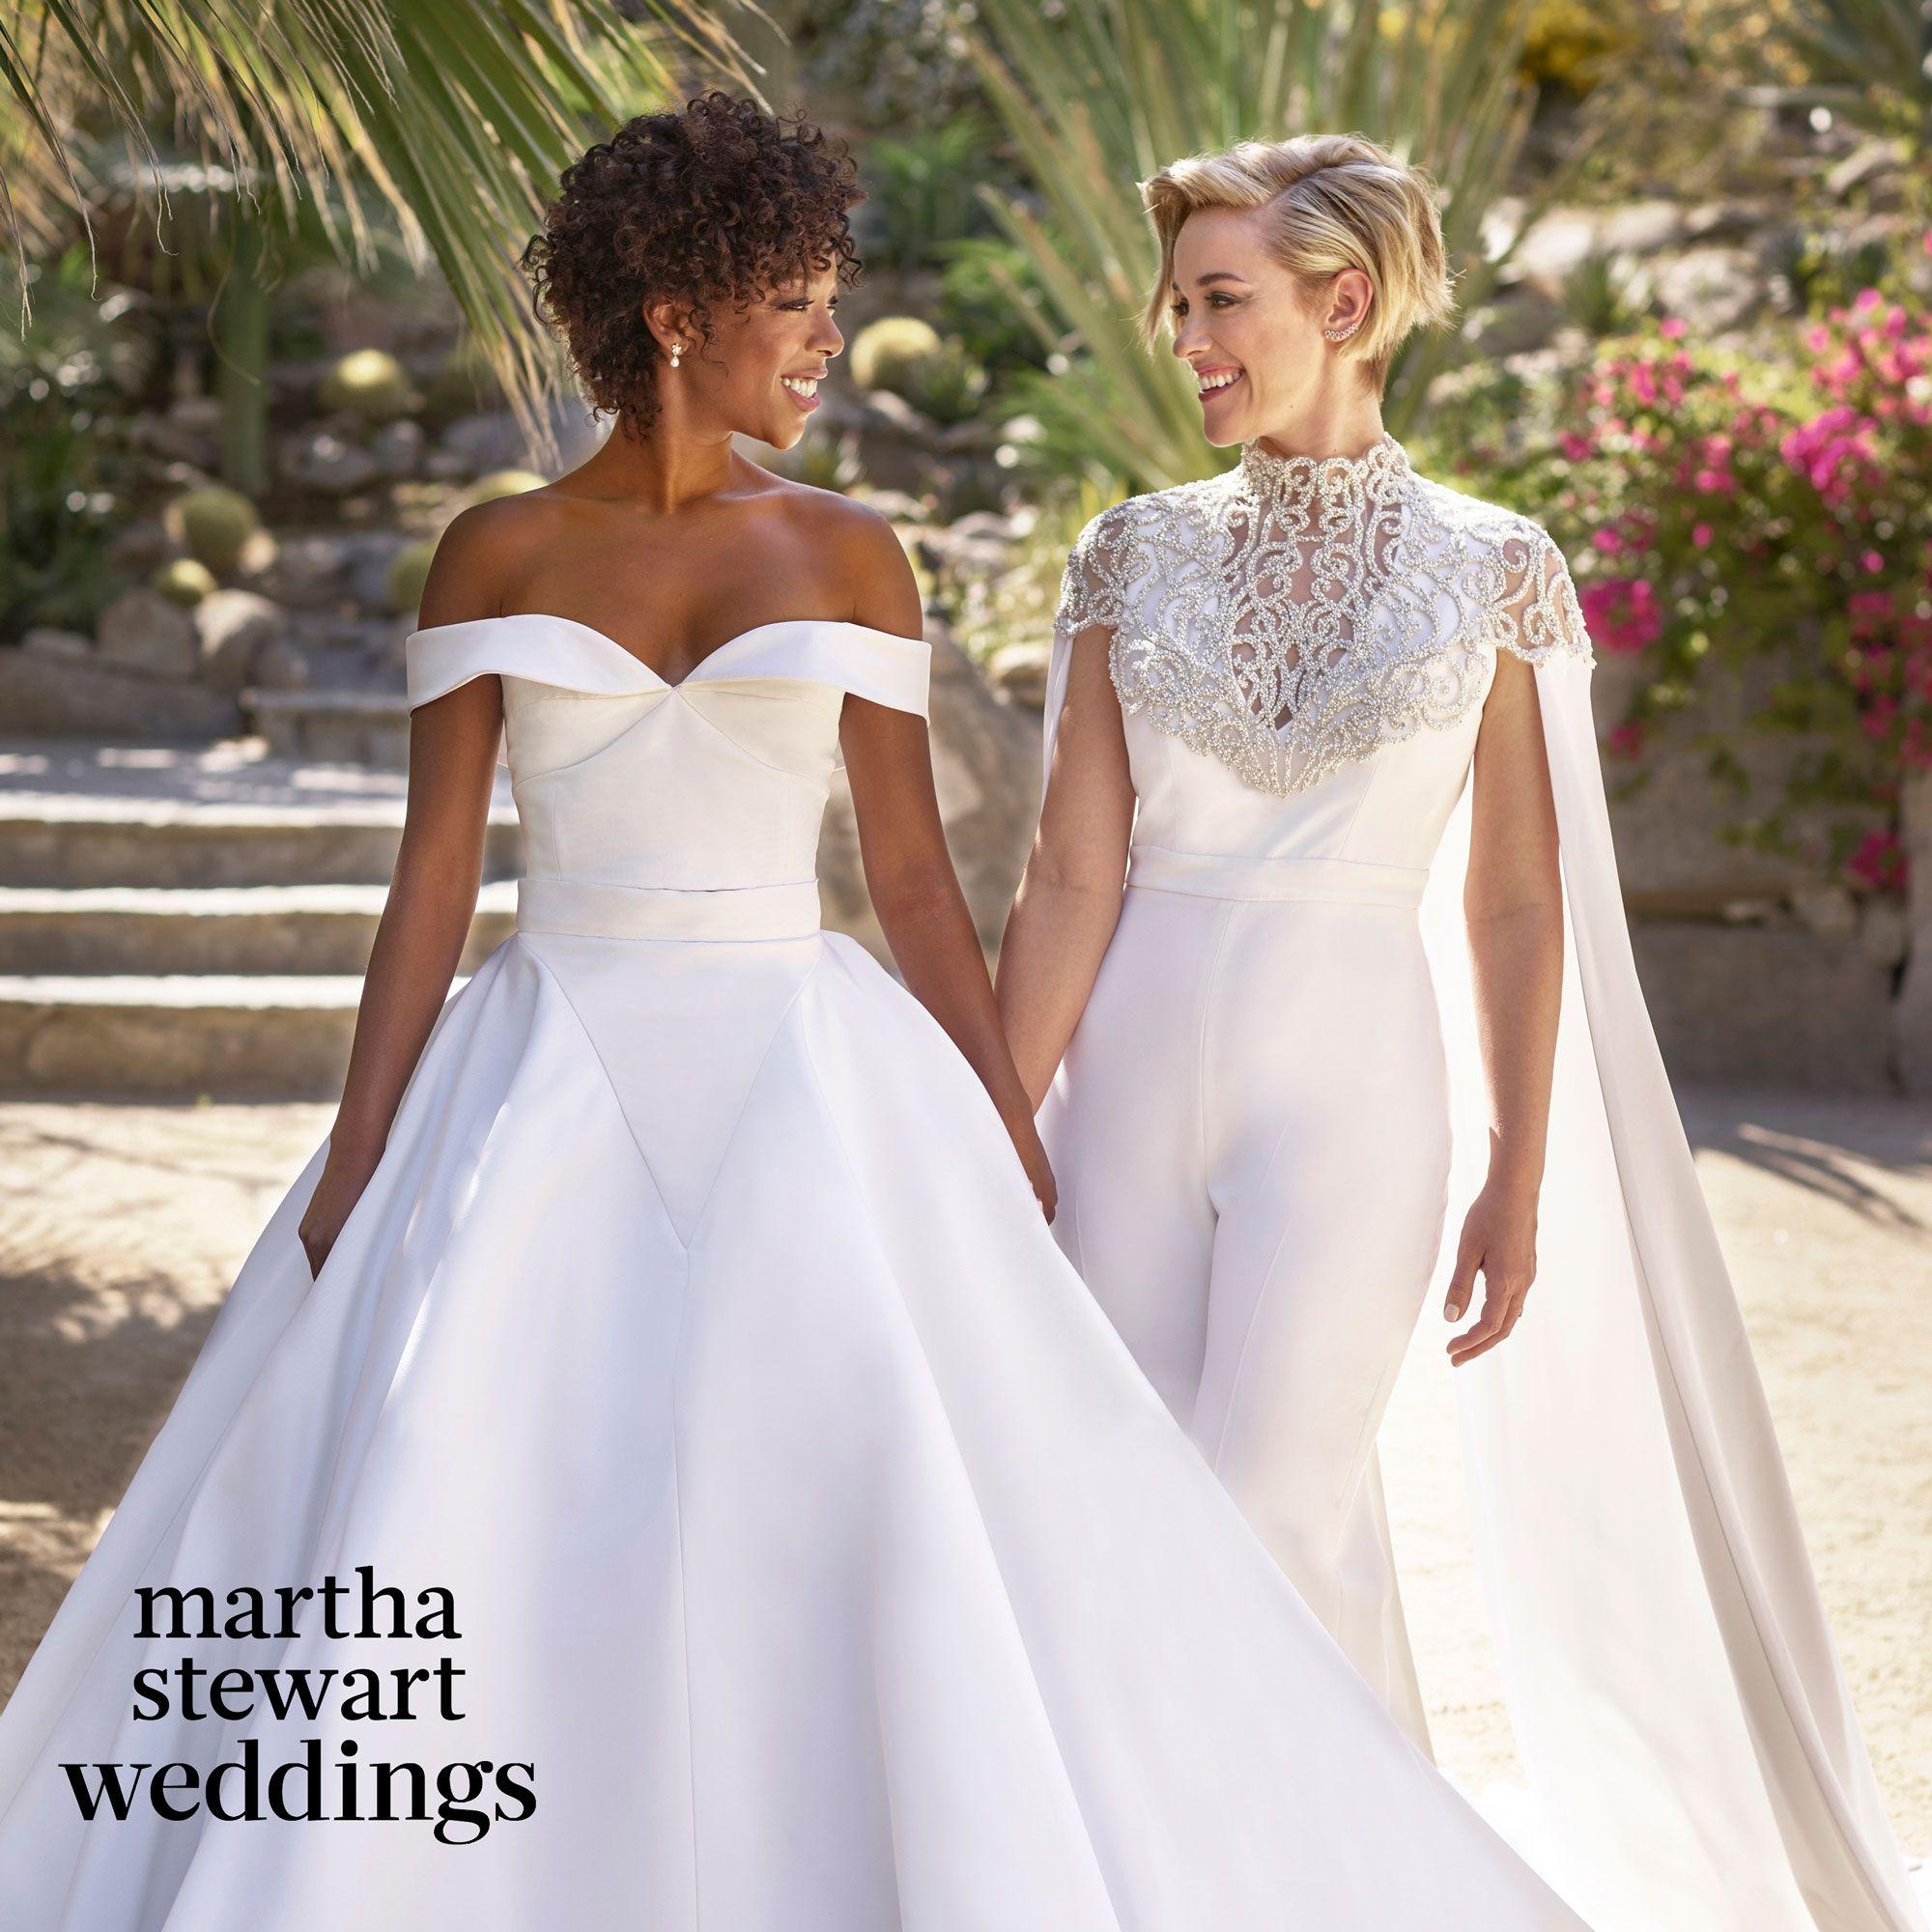 Самые красивые свадьбы звезд с нетрадиционной сексуальной ориентацией-Фото 3